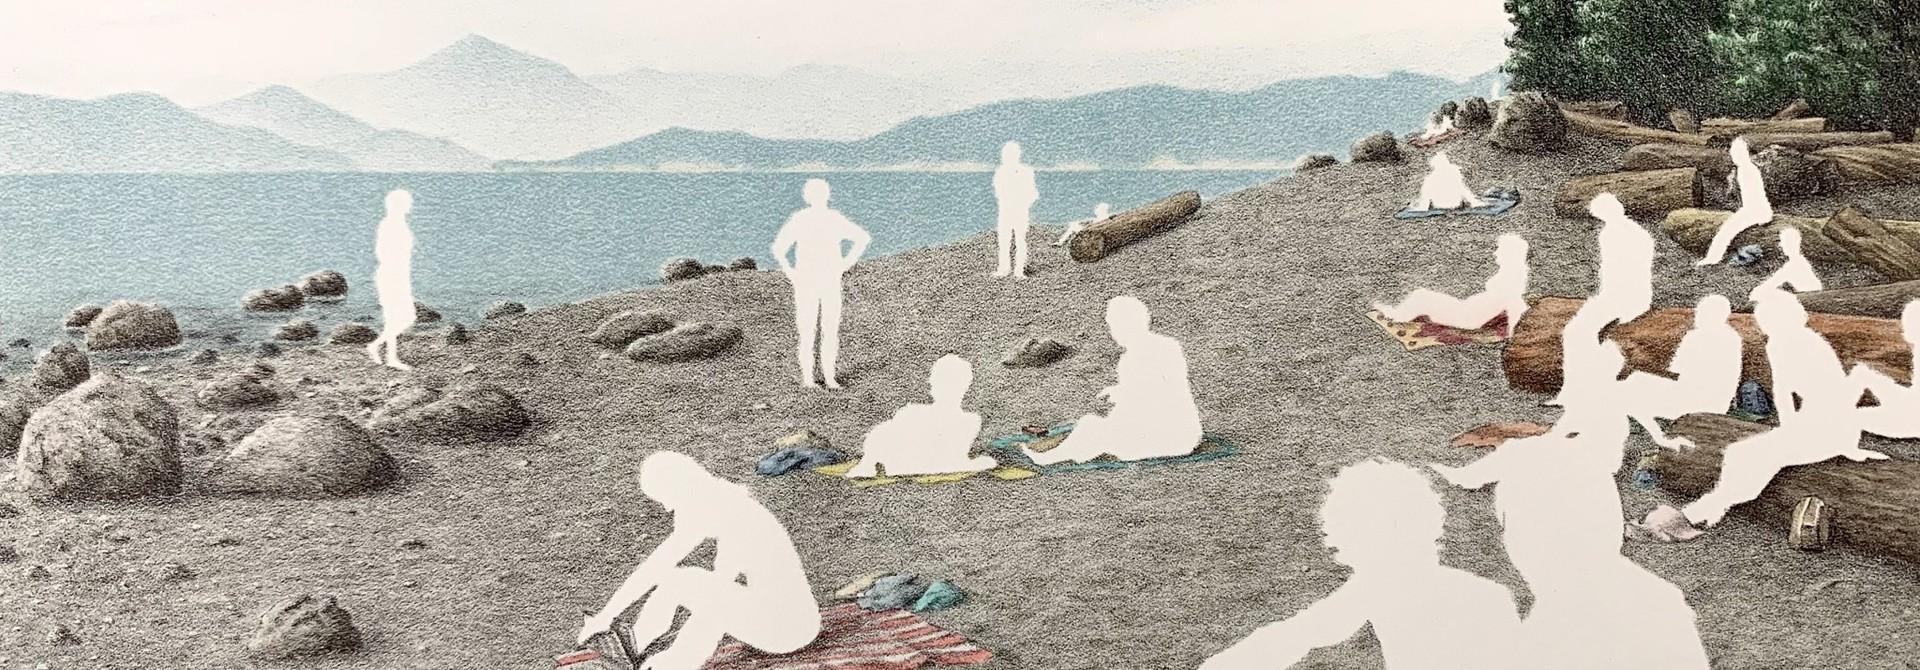 Summer Day - Wreck Beach